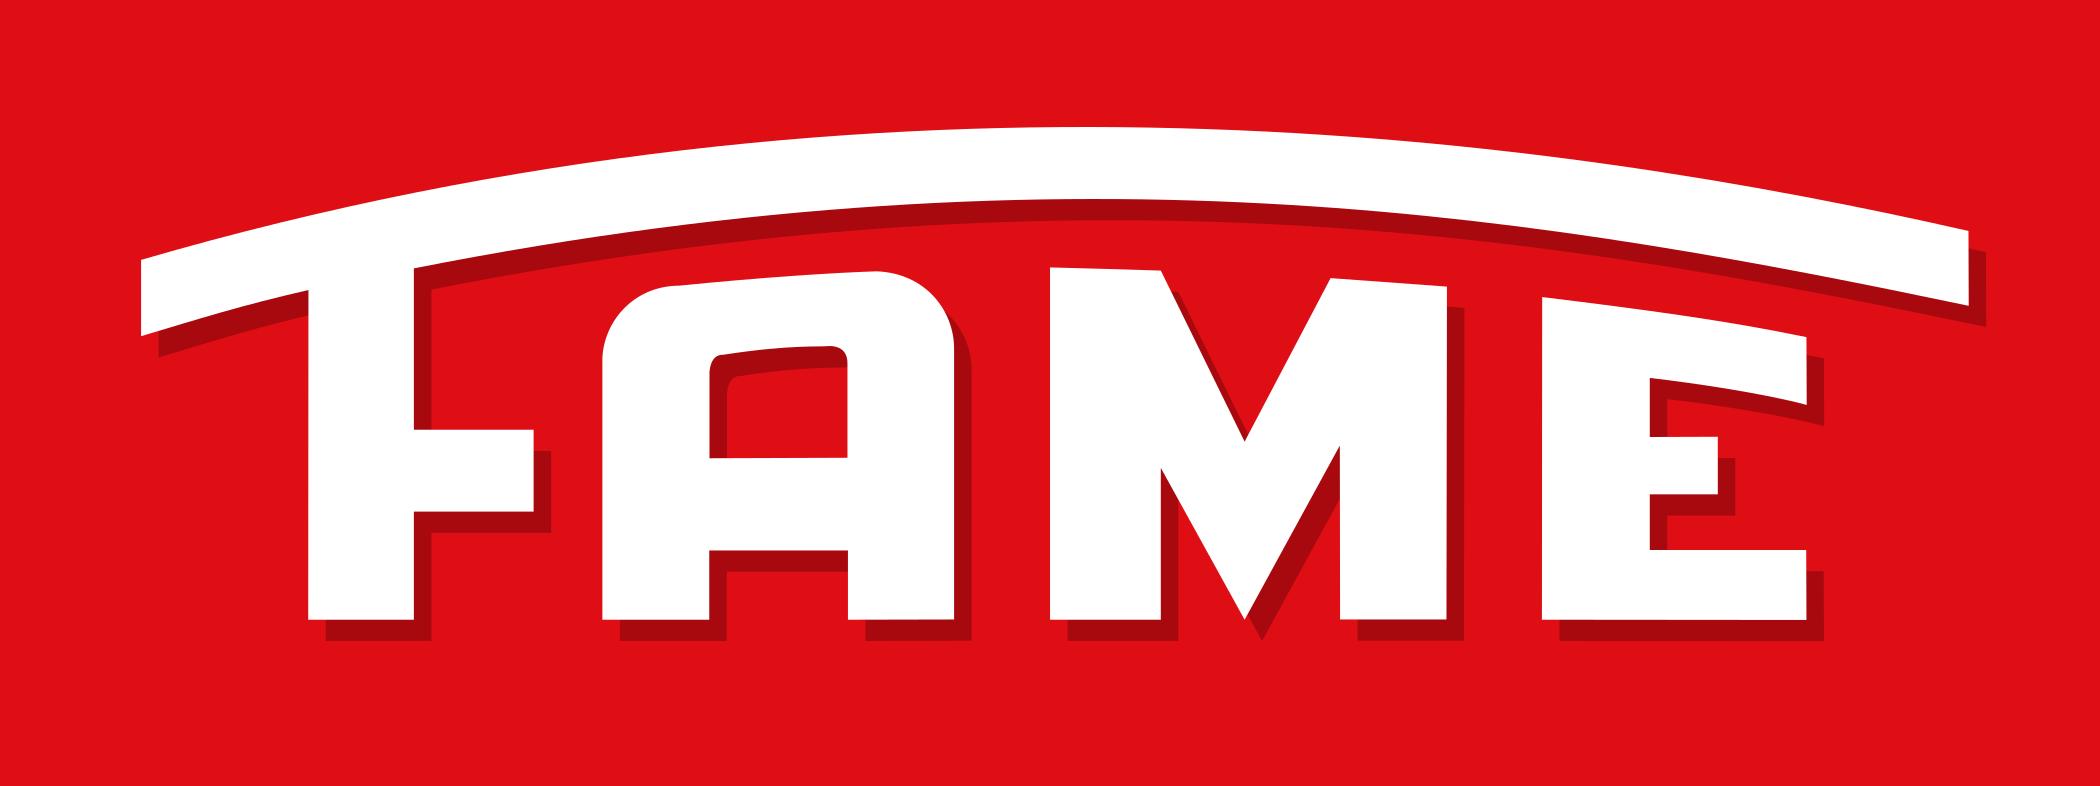 fame logo 3 - Fame Logo